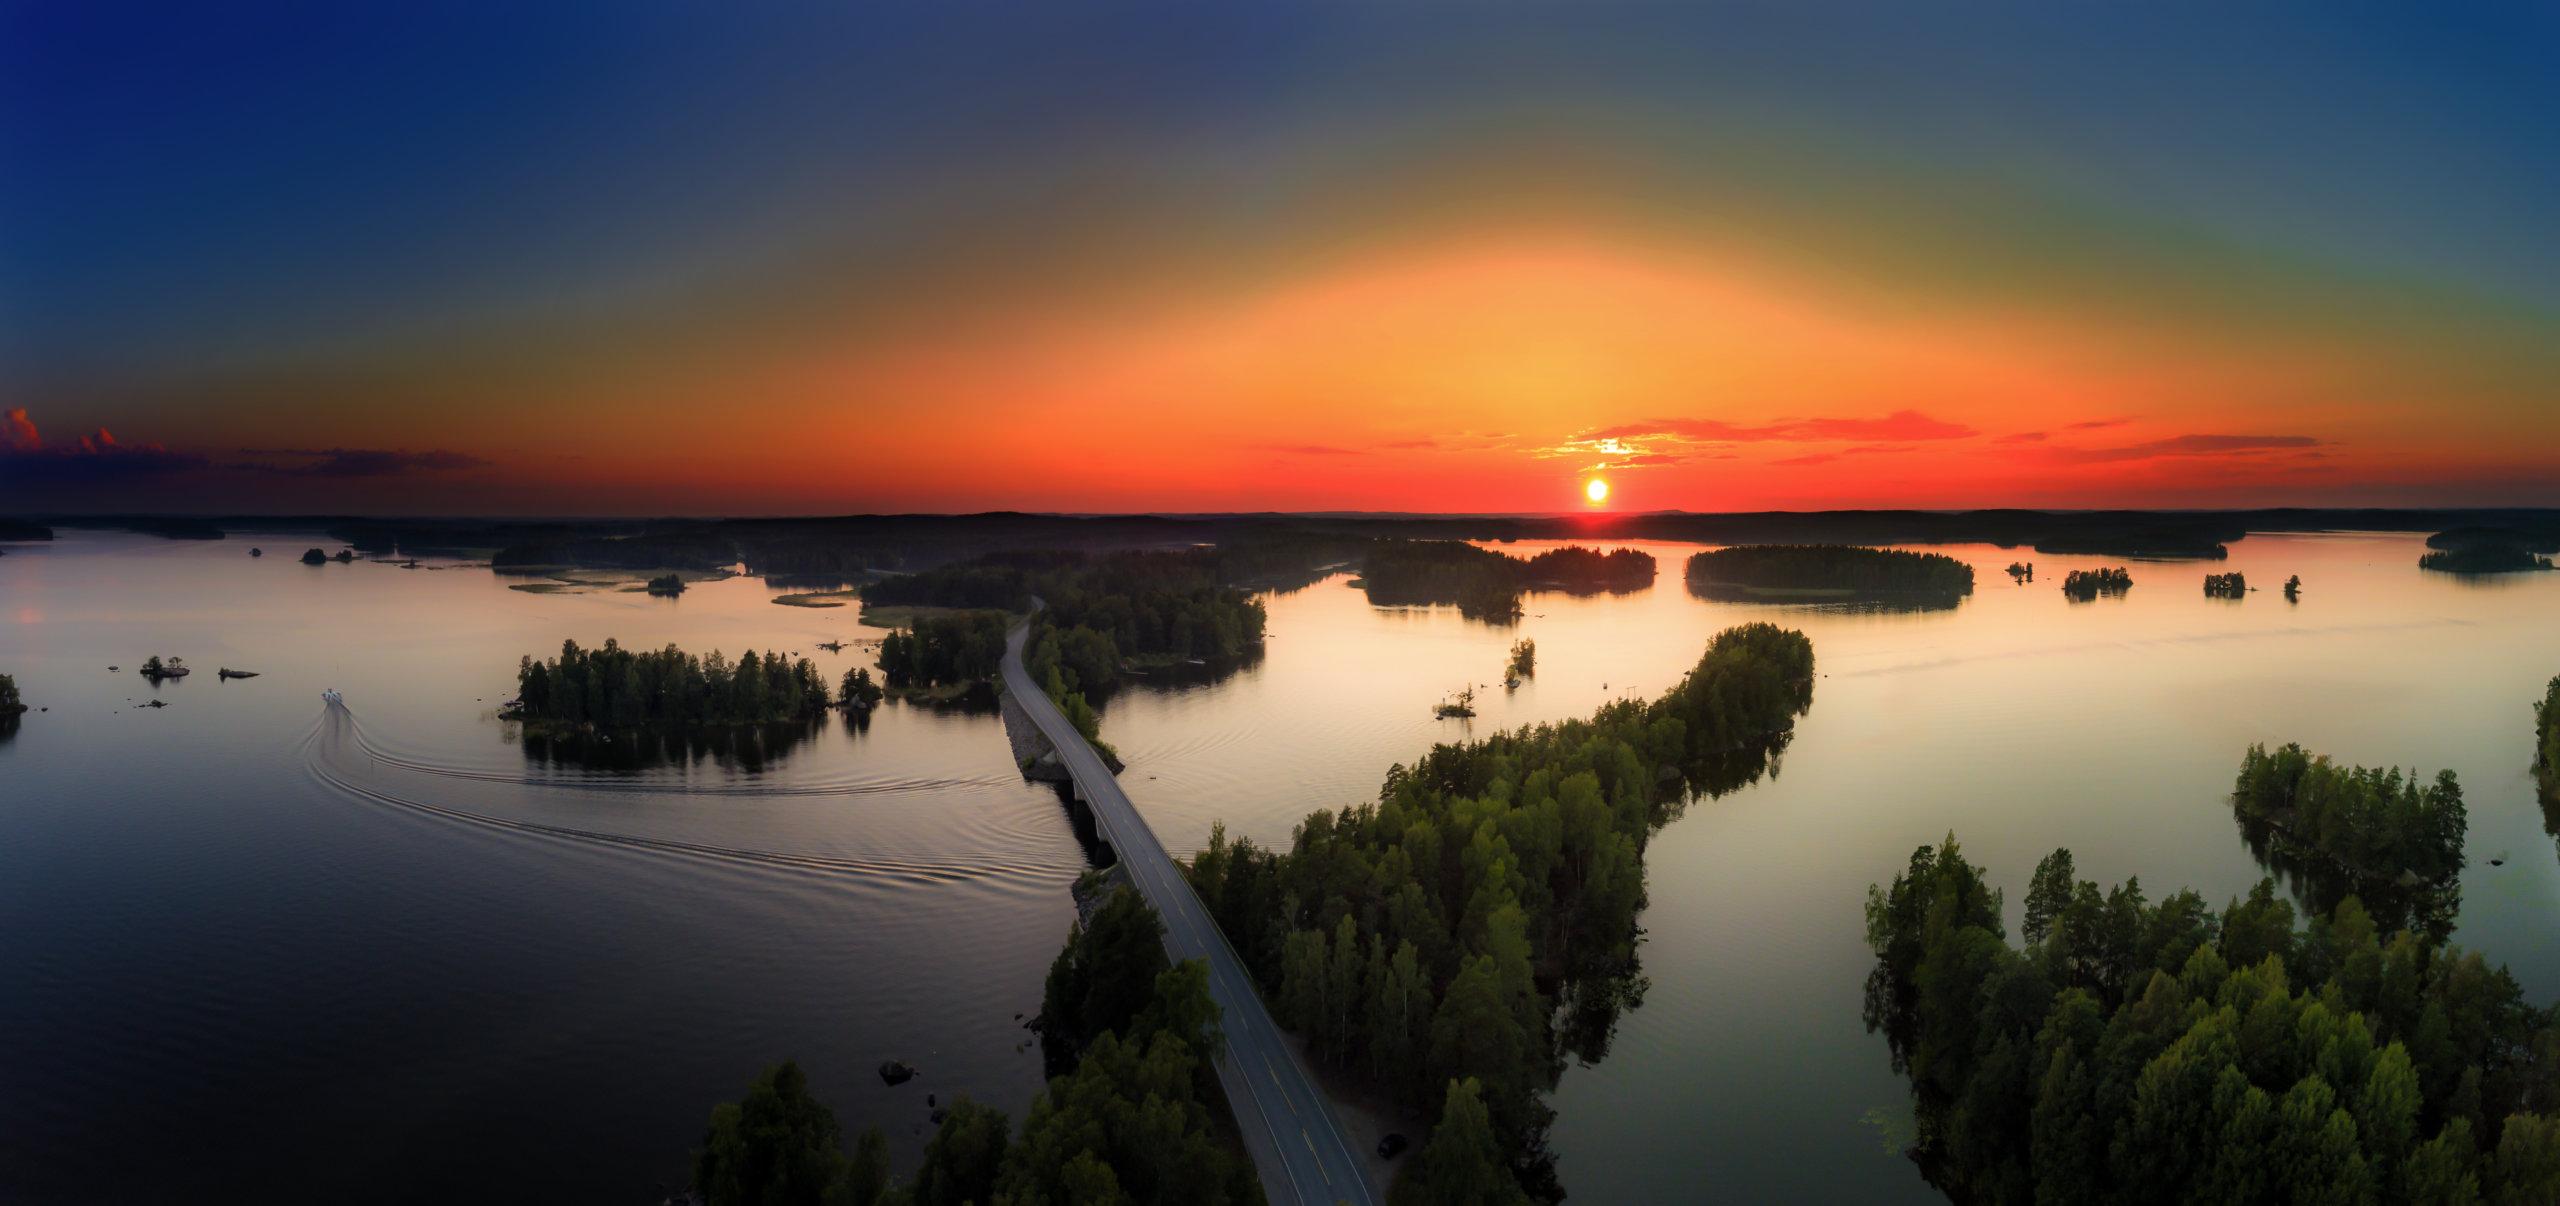 Tunnetko sinä Kangasalan? Vastaa visaisiin kysymyksiin. Kuvassa upea auringonlasku Pelisalmella. Kuva: Tero Hakala/ Studio Pelisalmi